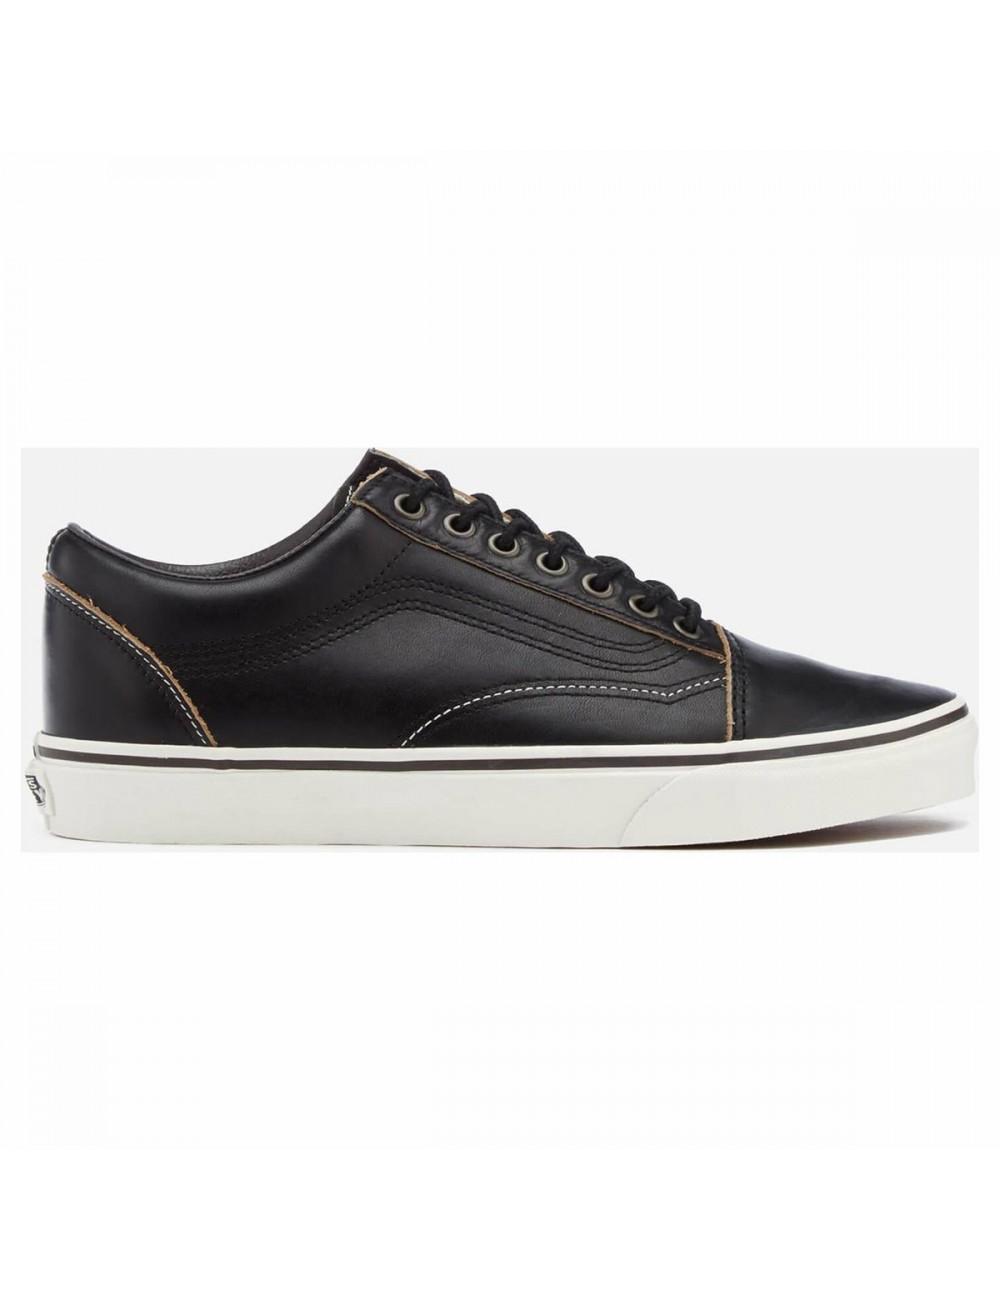 Vans Old Skool Shoes - Groundbreaker Black_11452